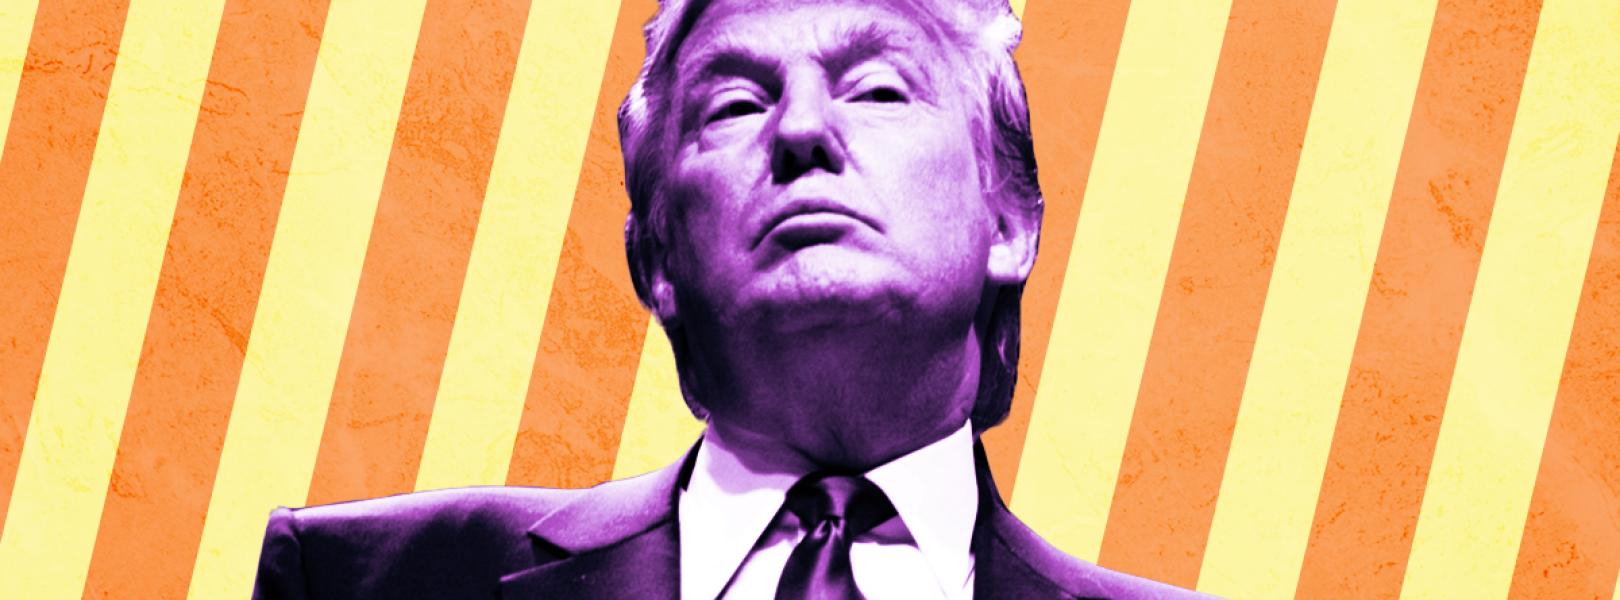 Donald_Trump.png